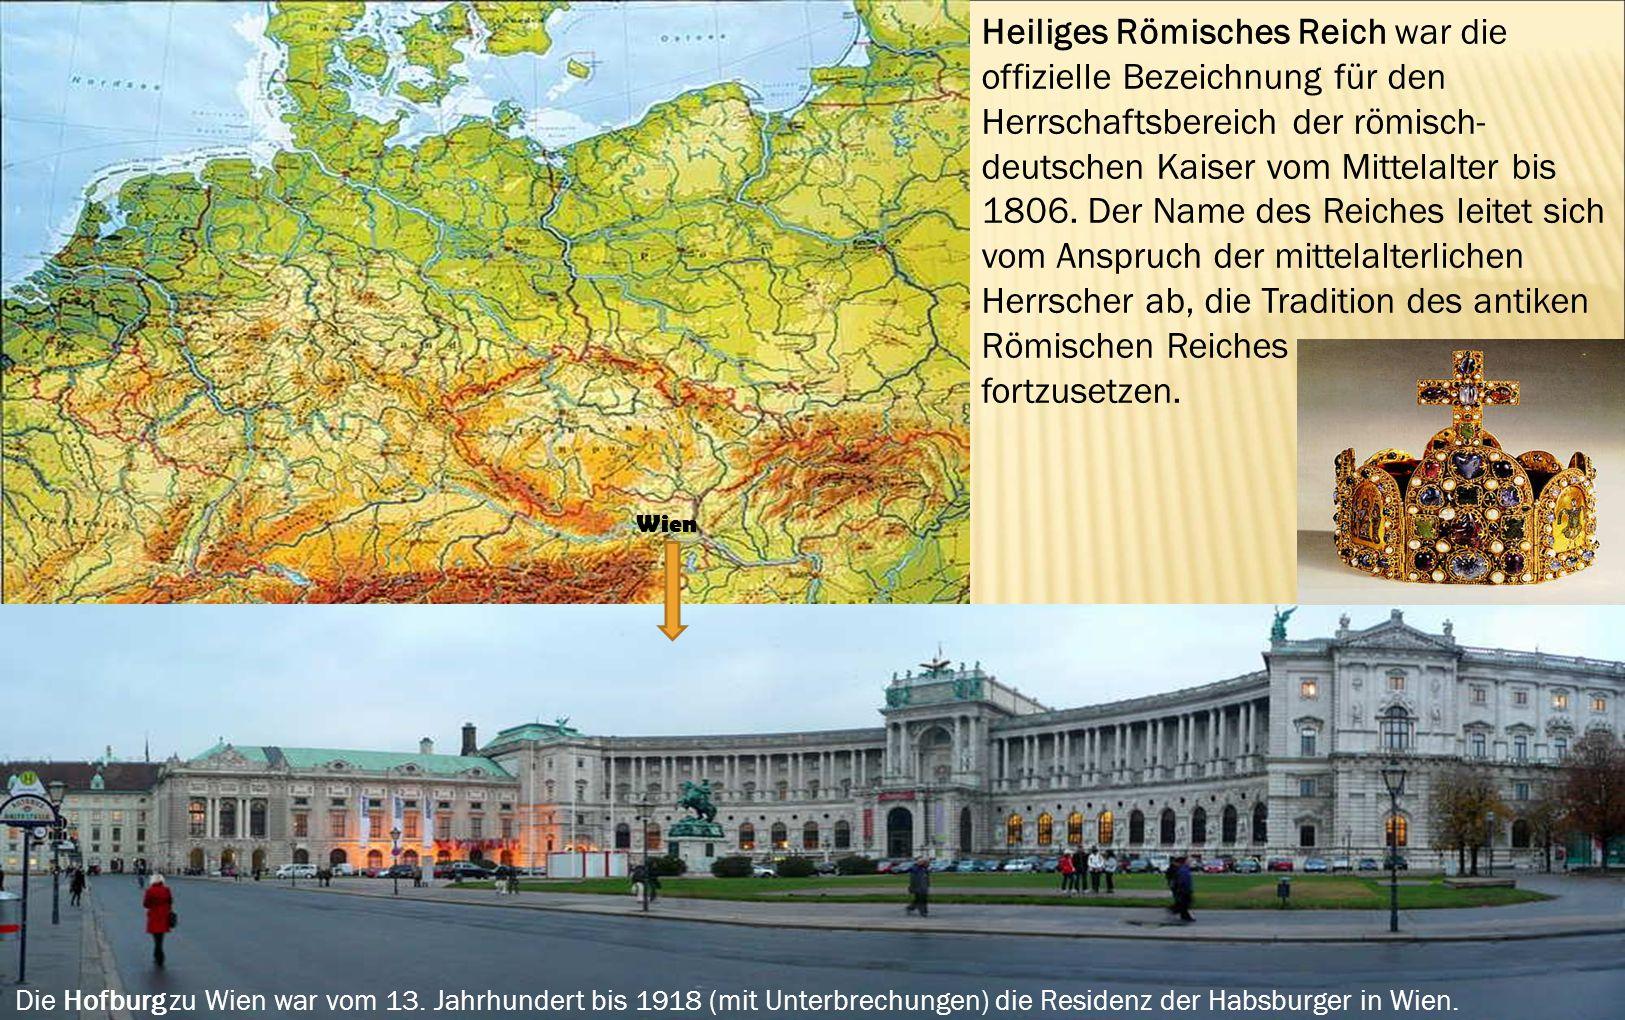 Heiliges Römisches Reich war die offizielle Bezeichnung für den Herrschaftsbereich der römisch-deutschen Kaiser vom Mittelalter bis 1806. Der Name des Reiches leitet sich vom Anspruch der mittelalterlichen Herrscher ab, die Tradition des antiken Römischen Reiches